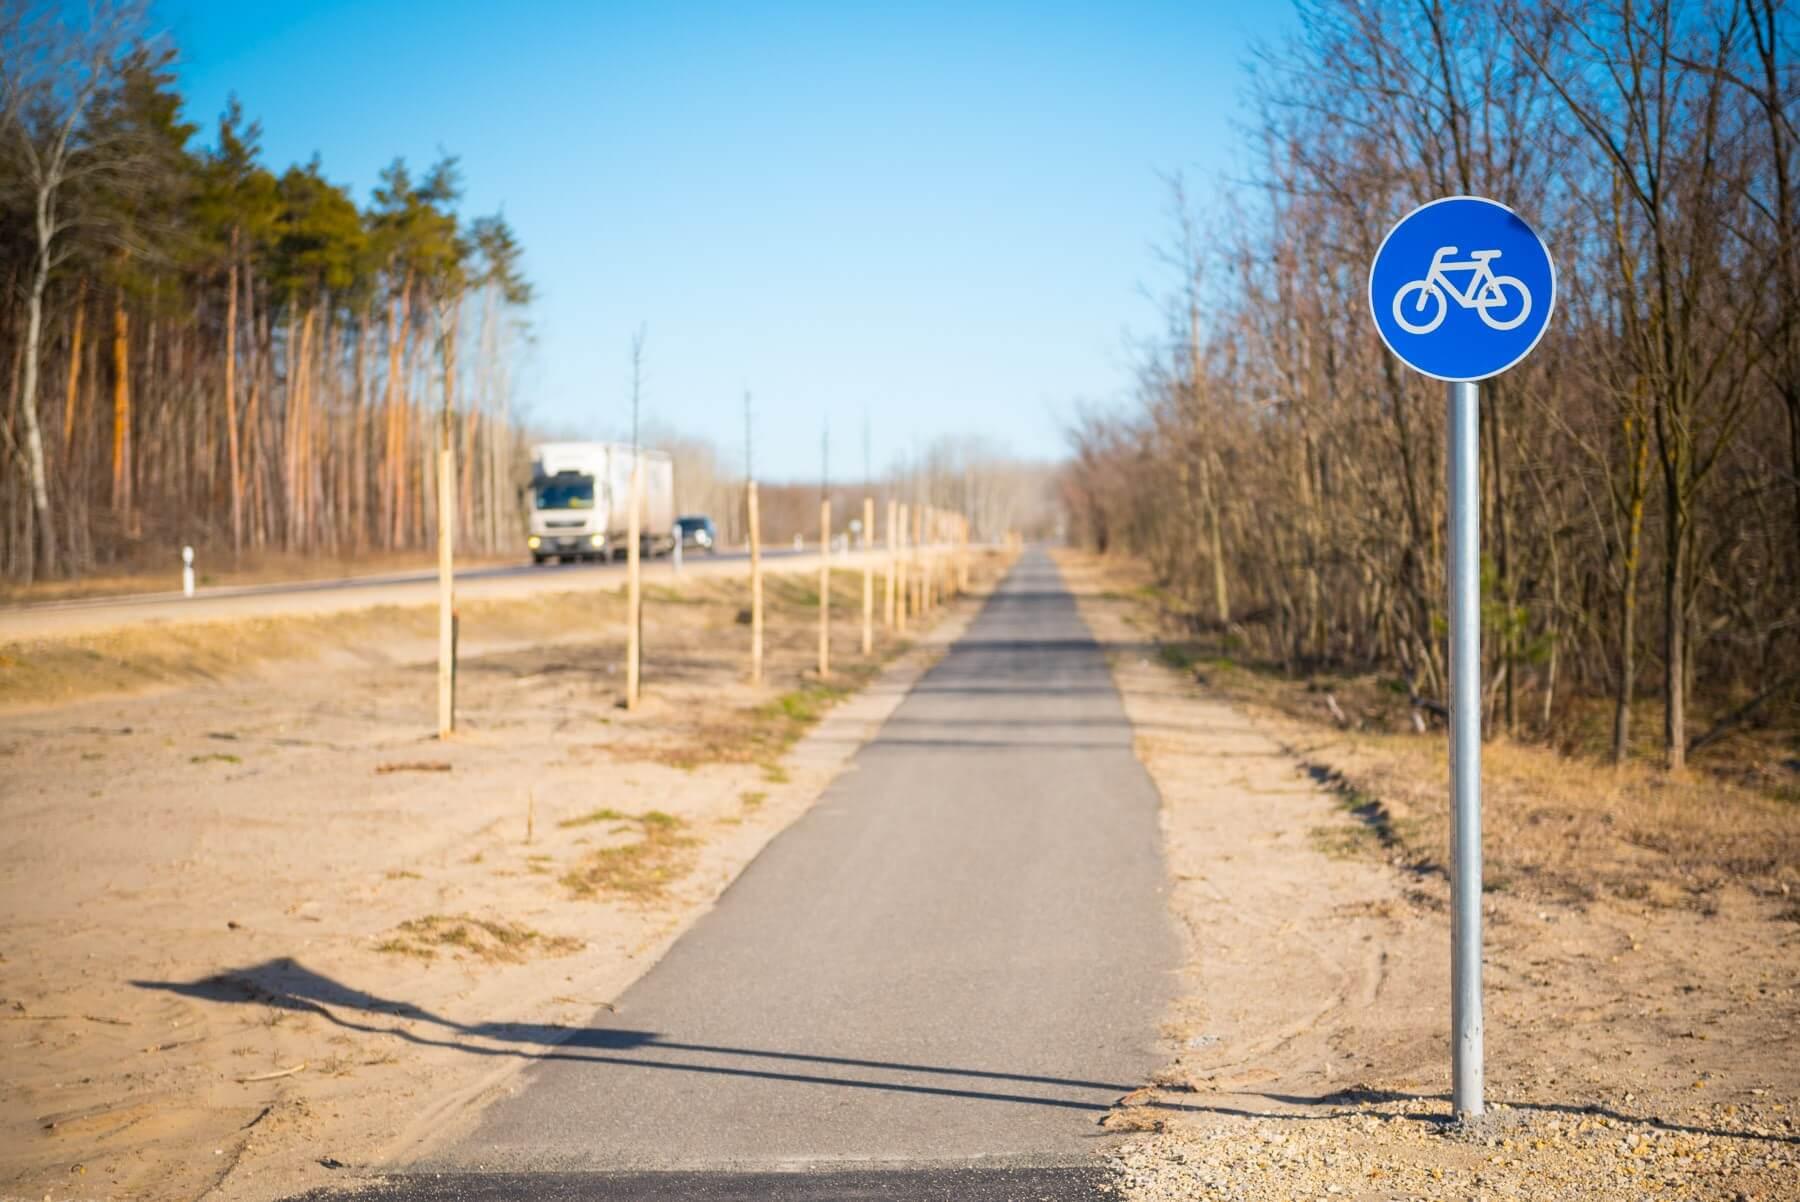 8,5 milliárdos program indul Pest megyei bicikliutak és bölcsődék fejlesztésére